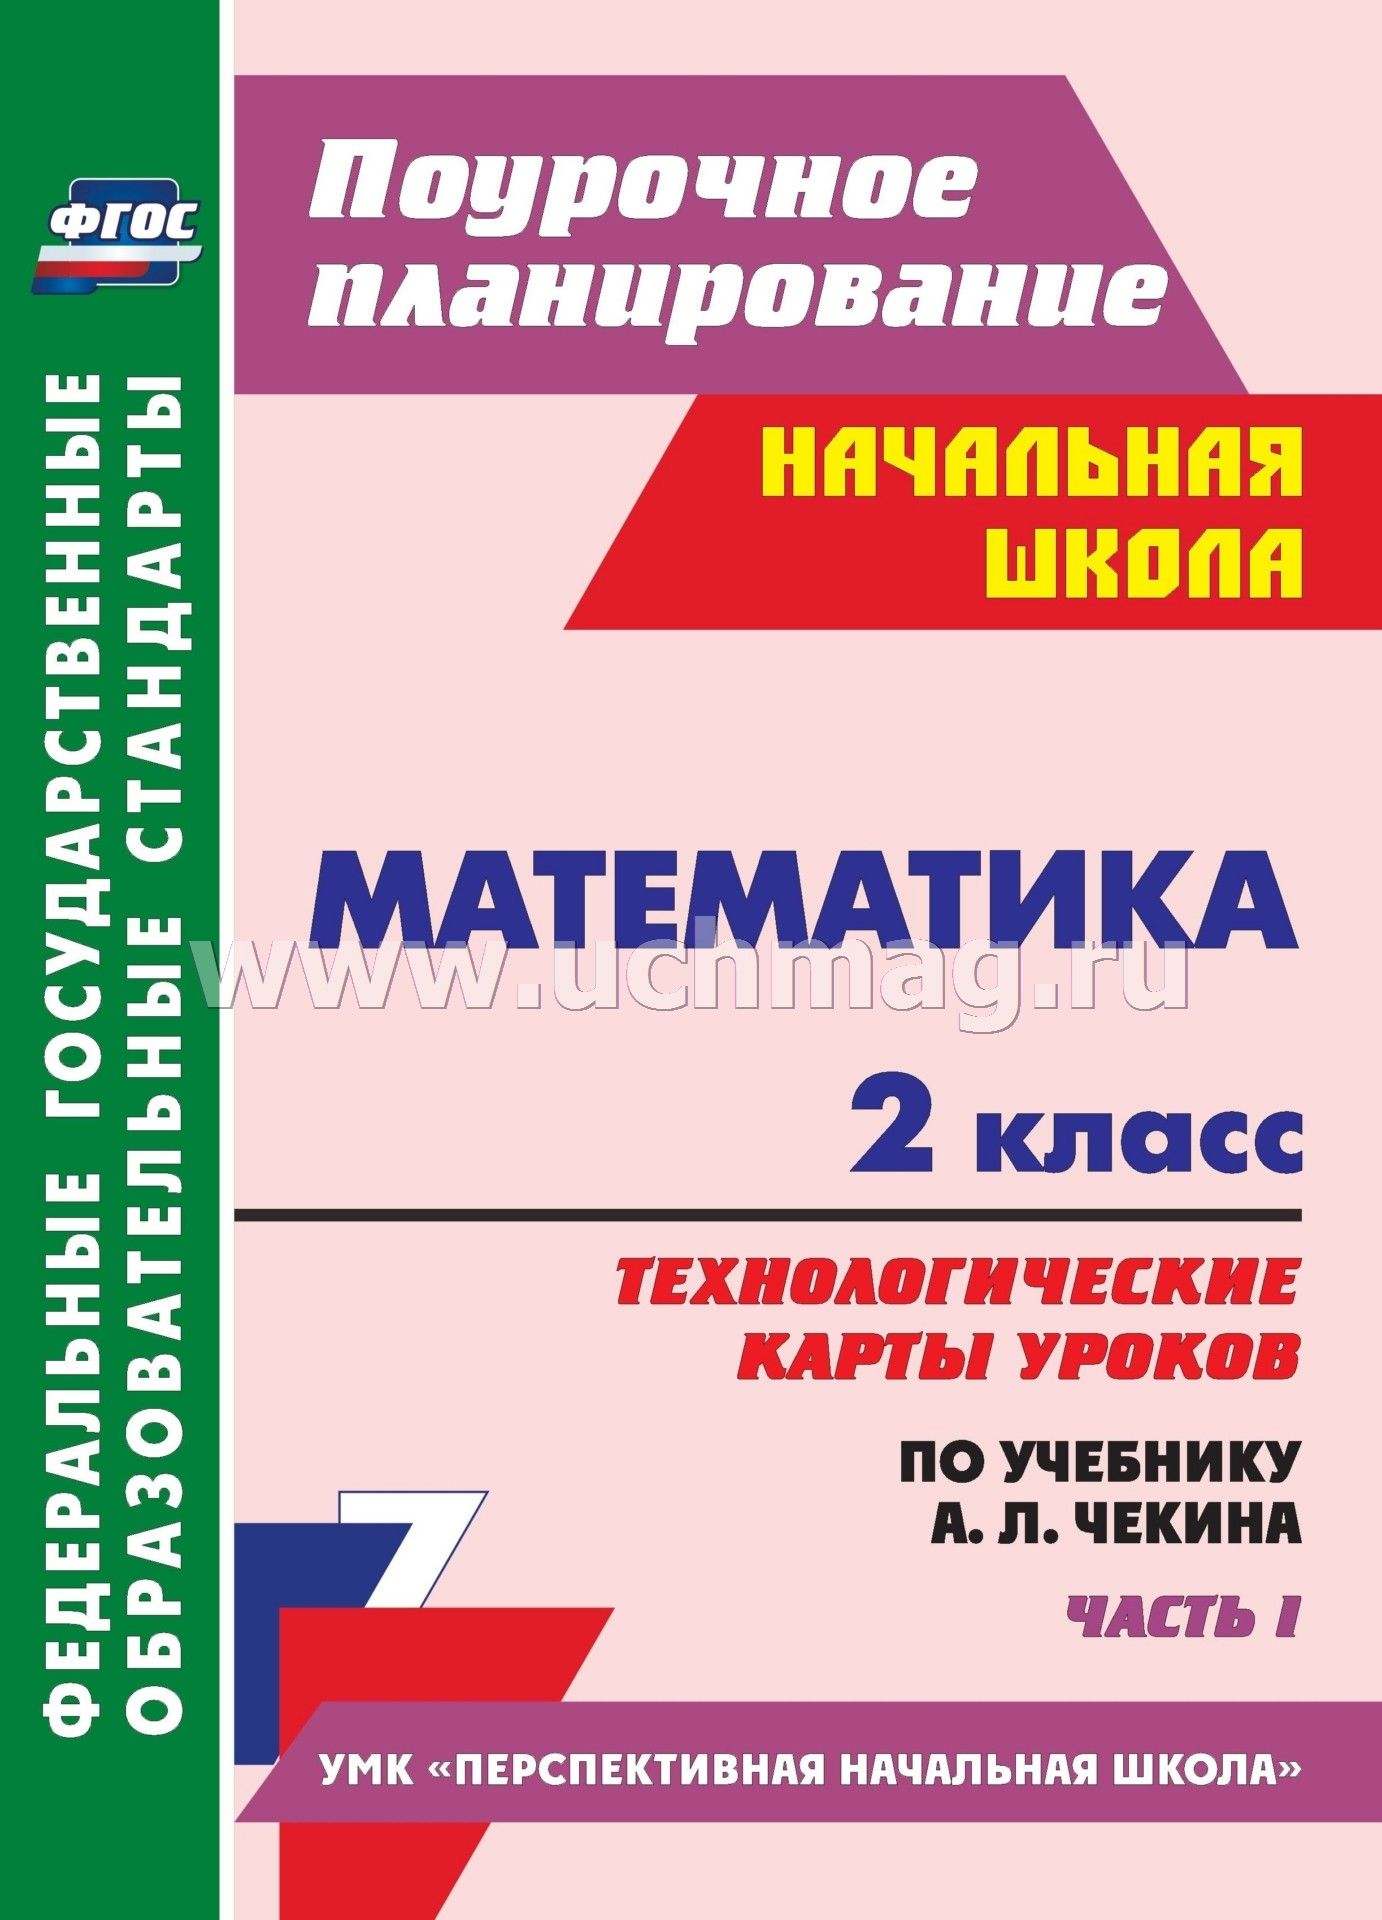 Решебник по Математике 4 Класс Демидова 2 Класс Часть